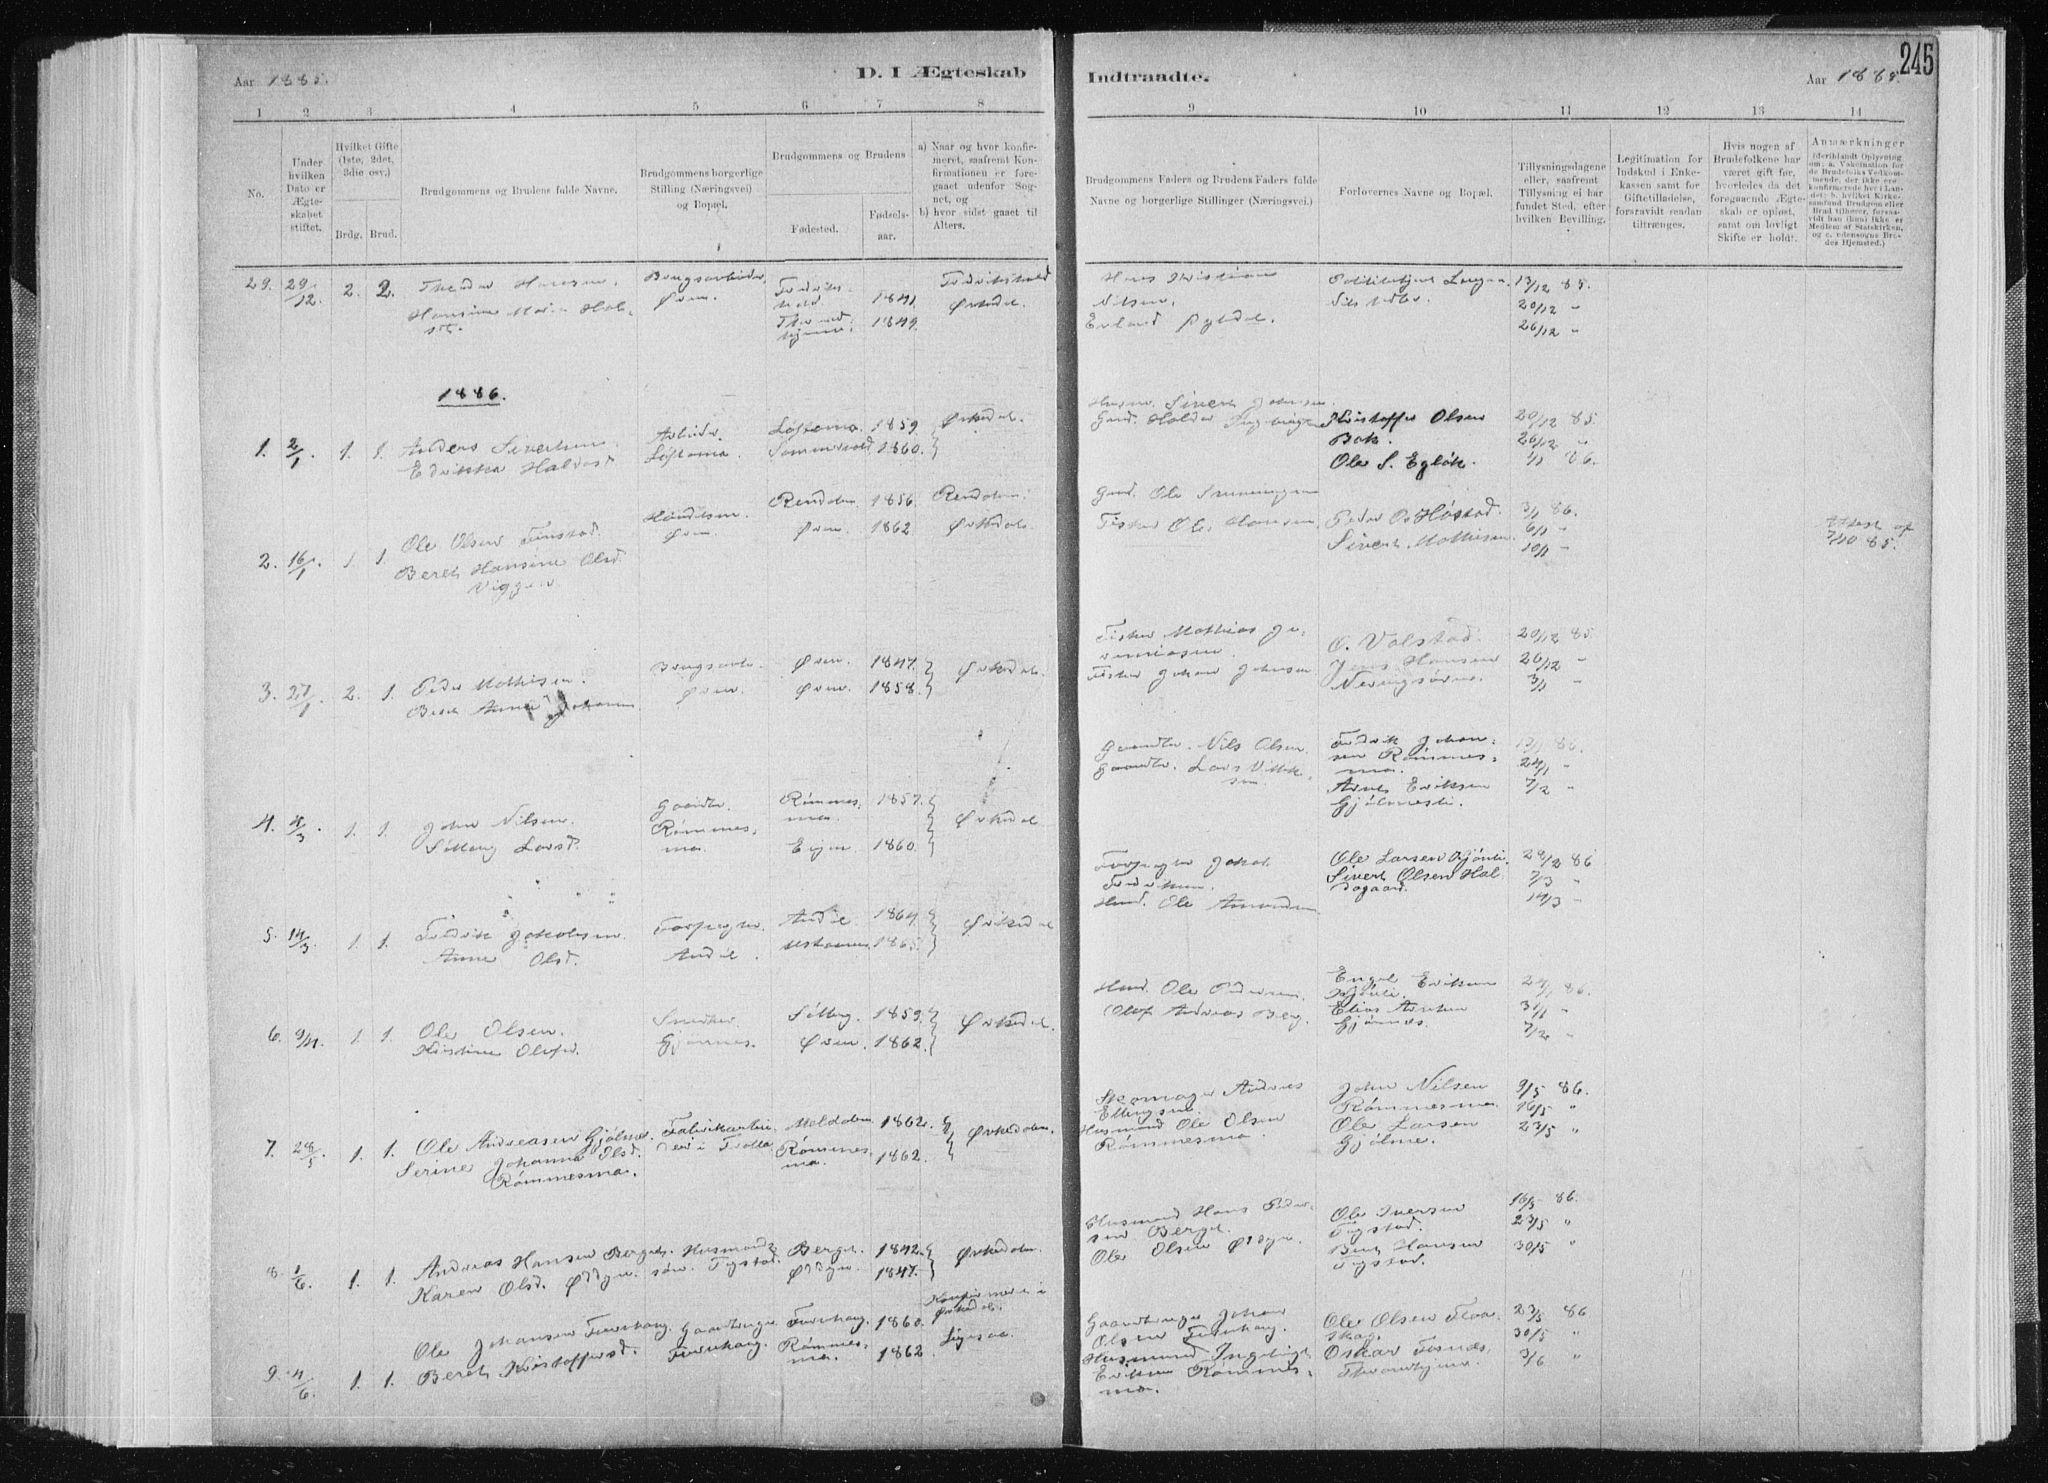 SAT, Ministerialprotokoller, klokkerbøker og fødselsregistre - Sør-Trøndelag, 668/L0818: Klokkerbok nr. 668C07, 1885-1898, s. 245